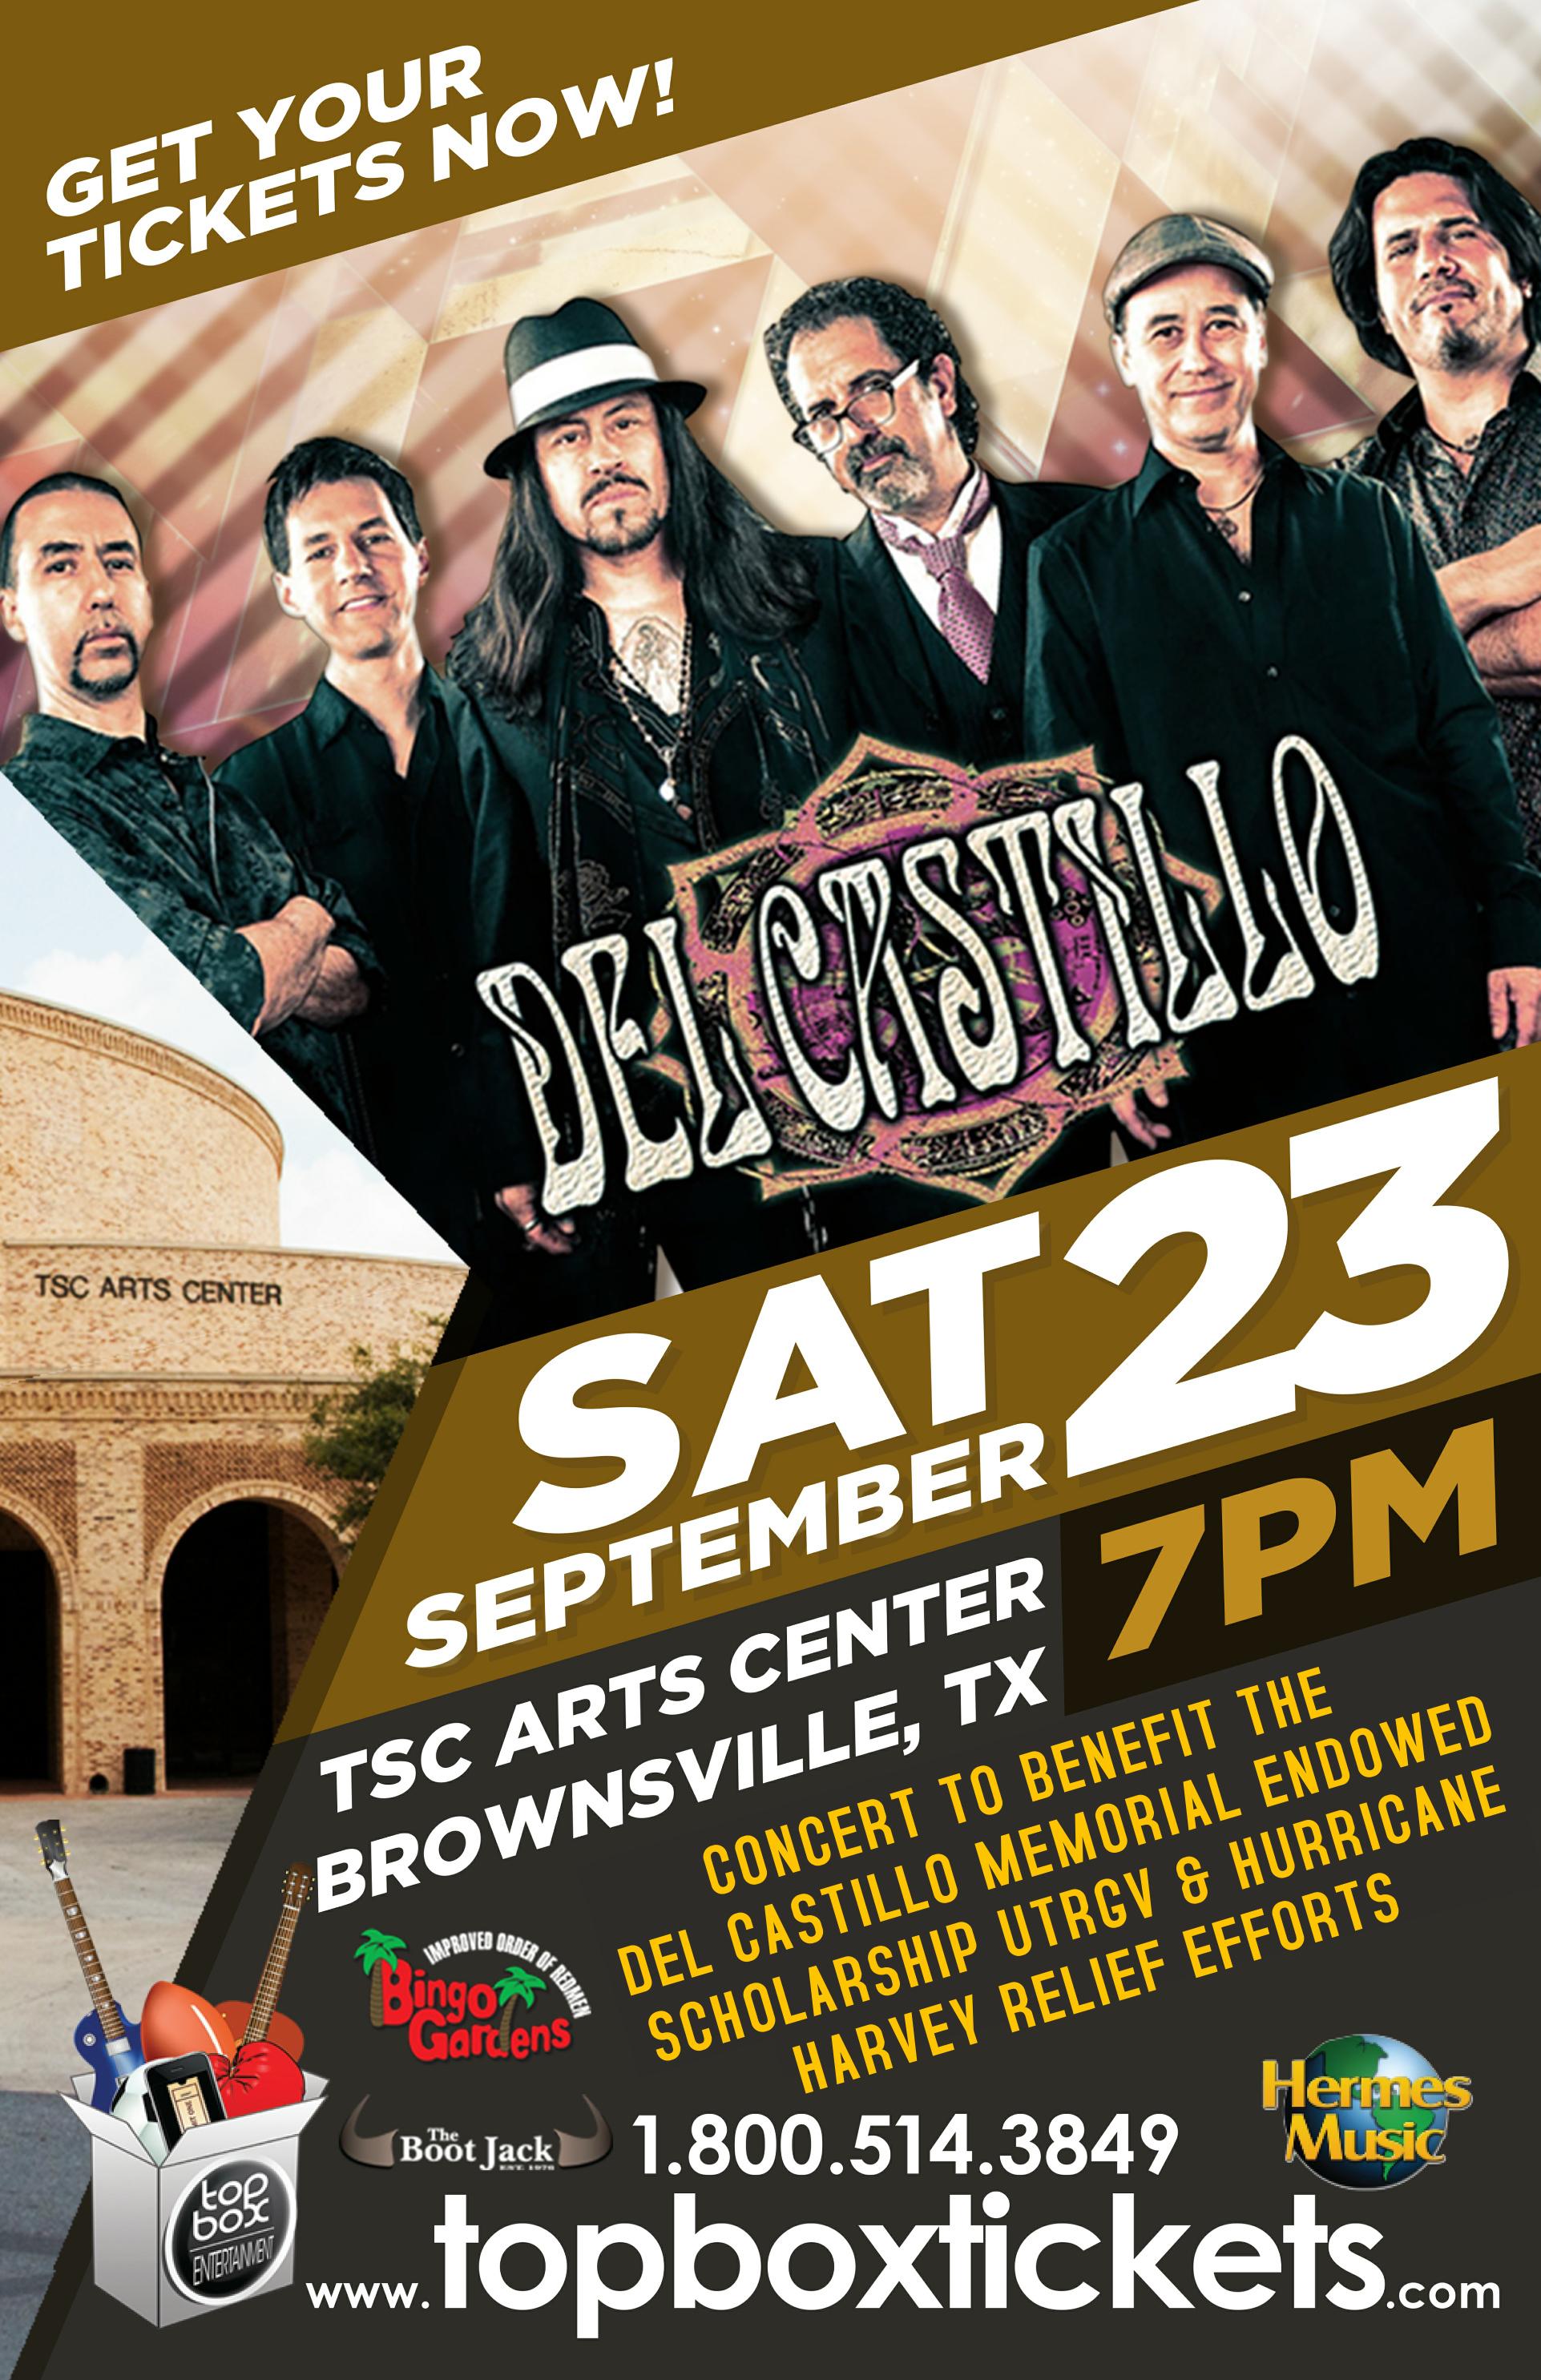 Del Castillo poster bville